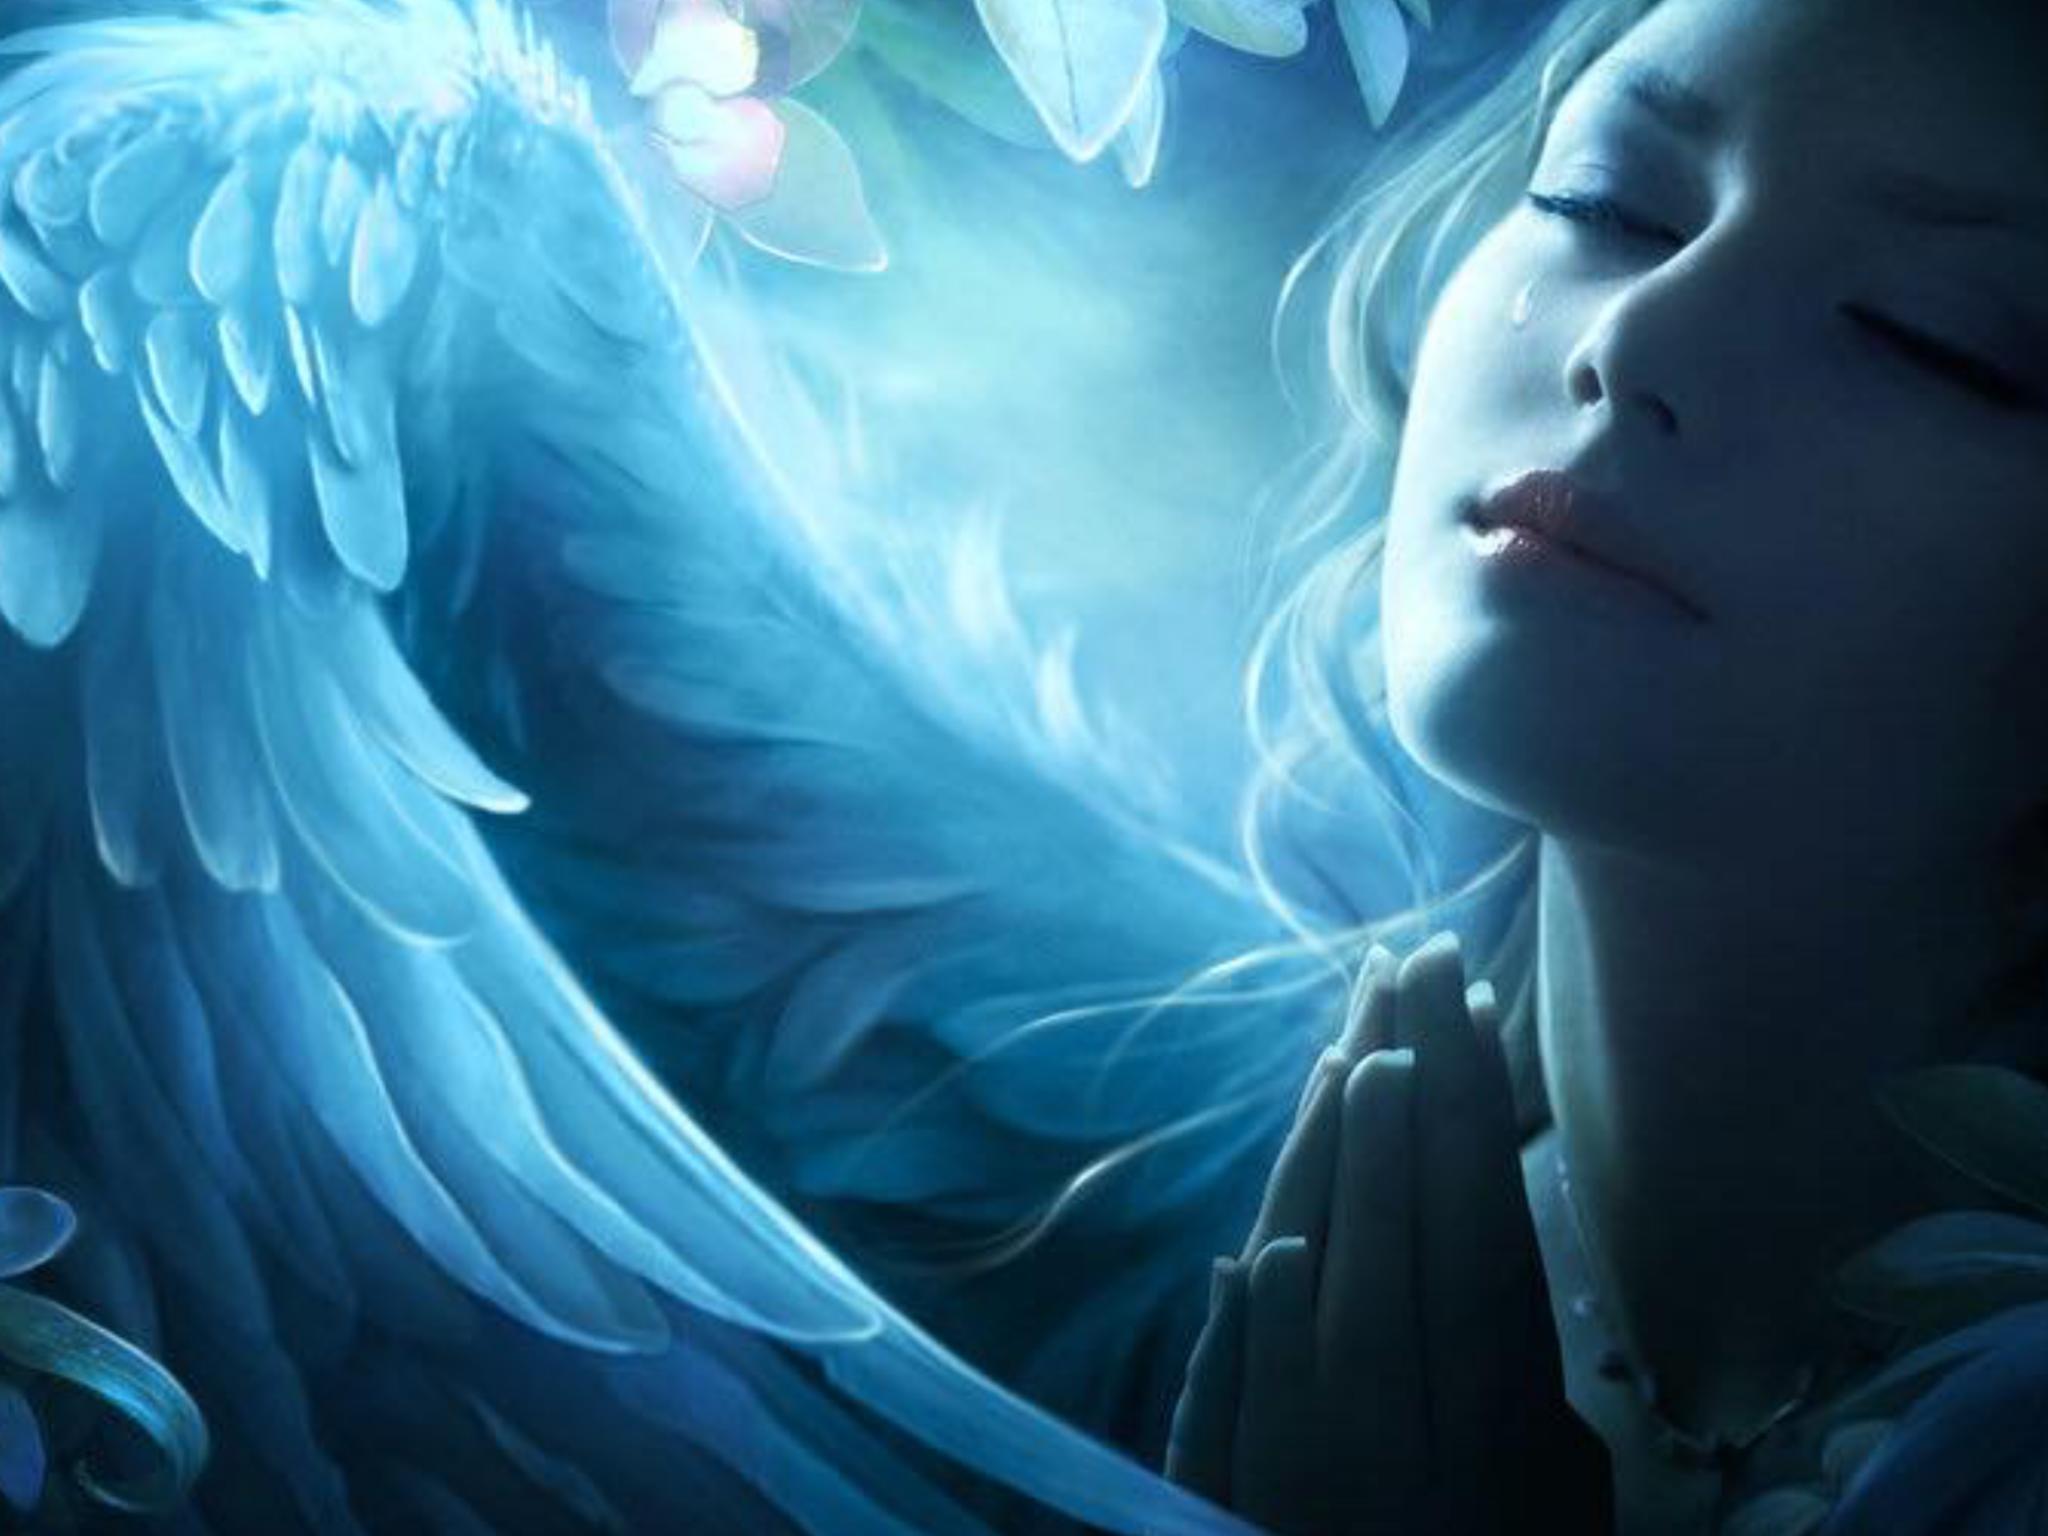 Ангел плачет картинка